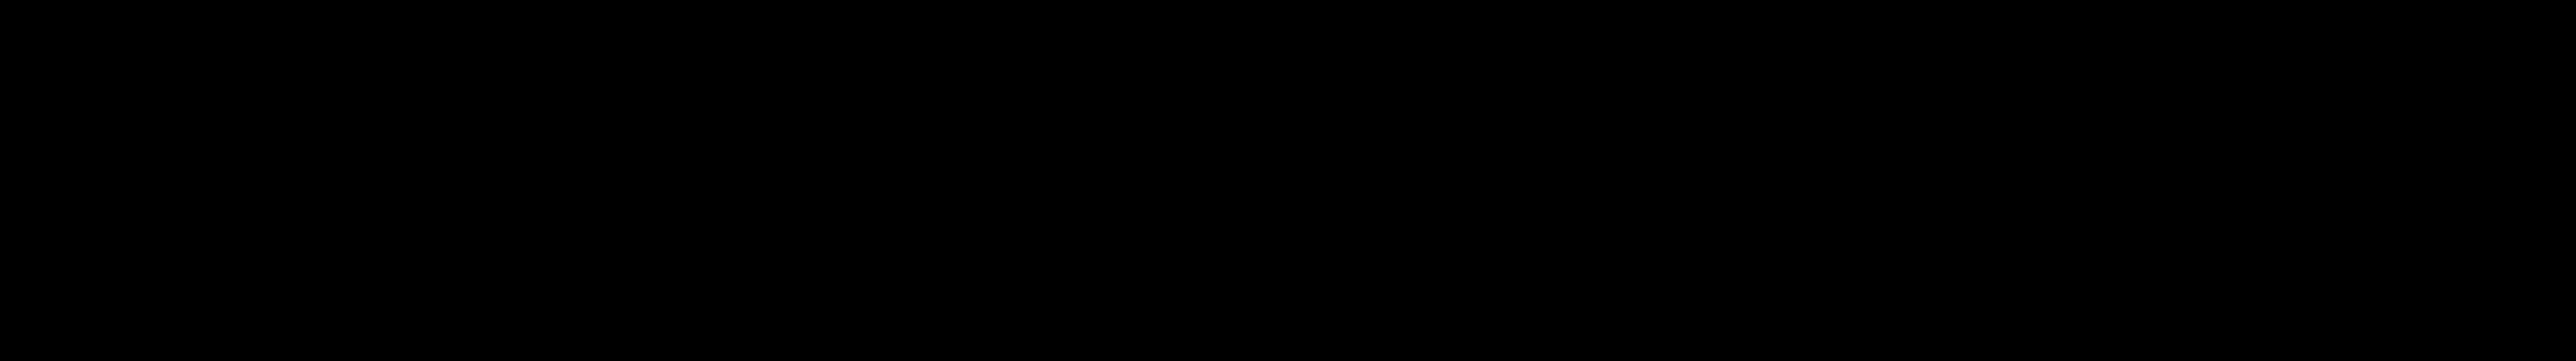 Merignac Soleil